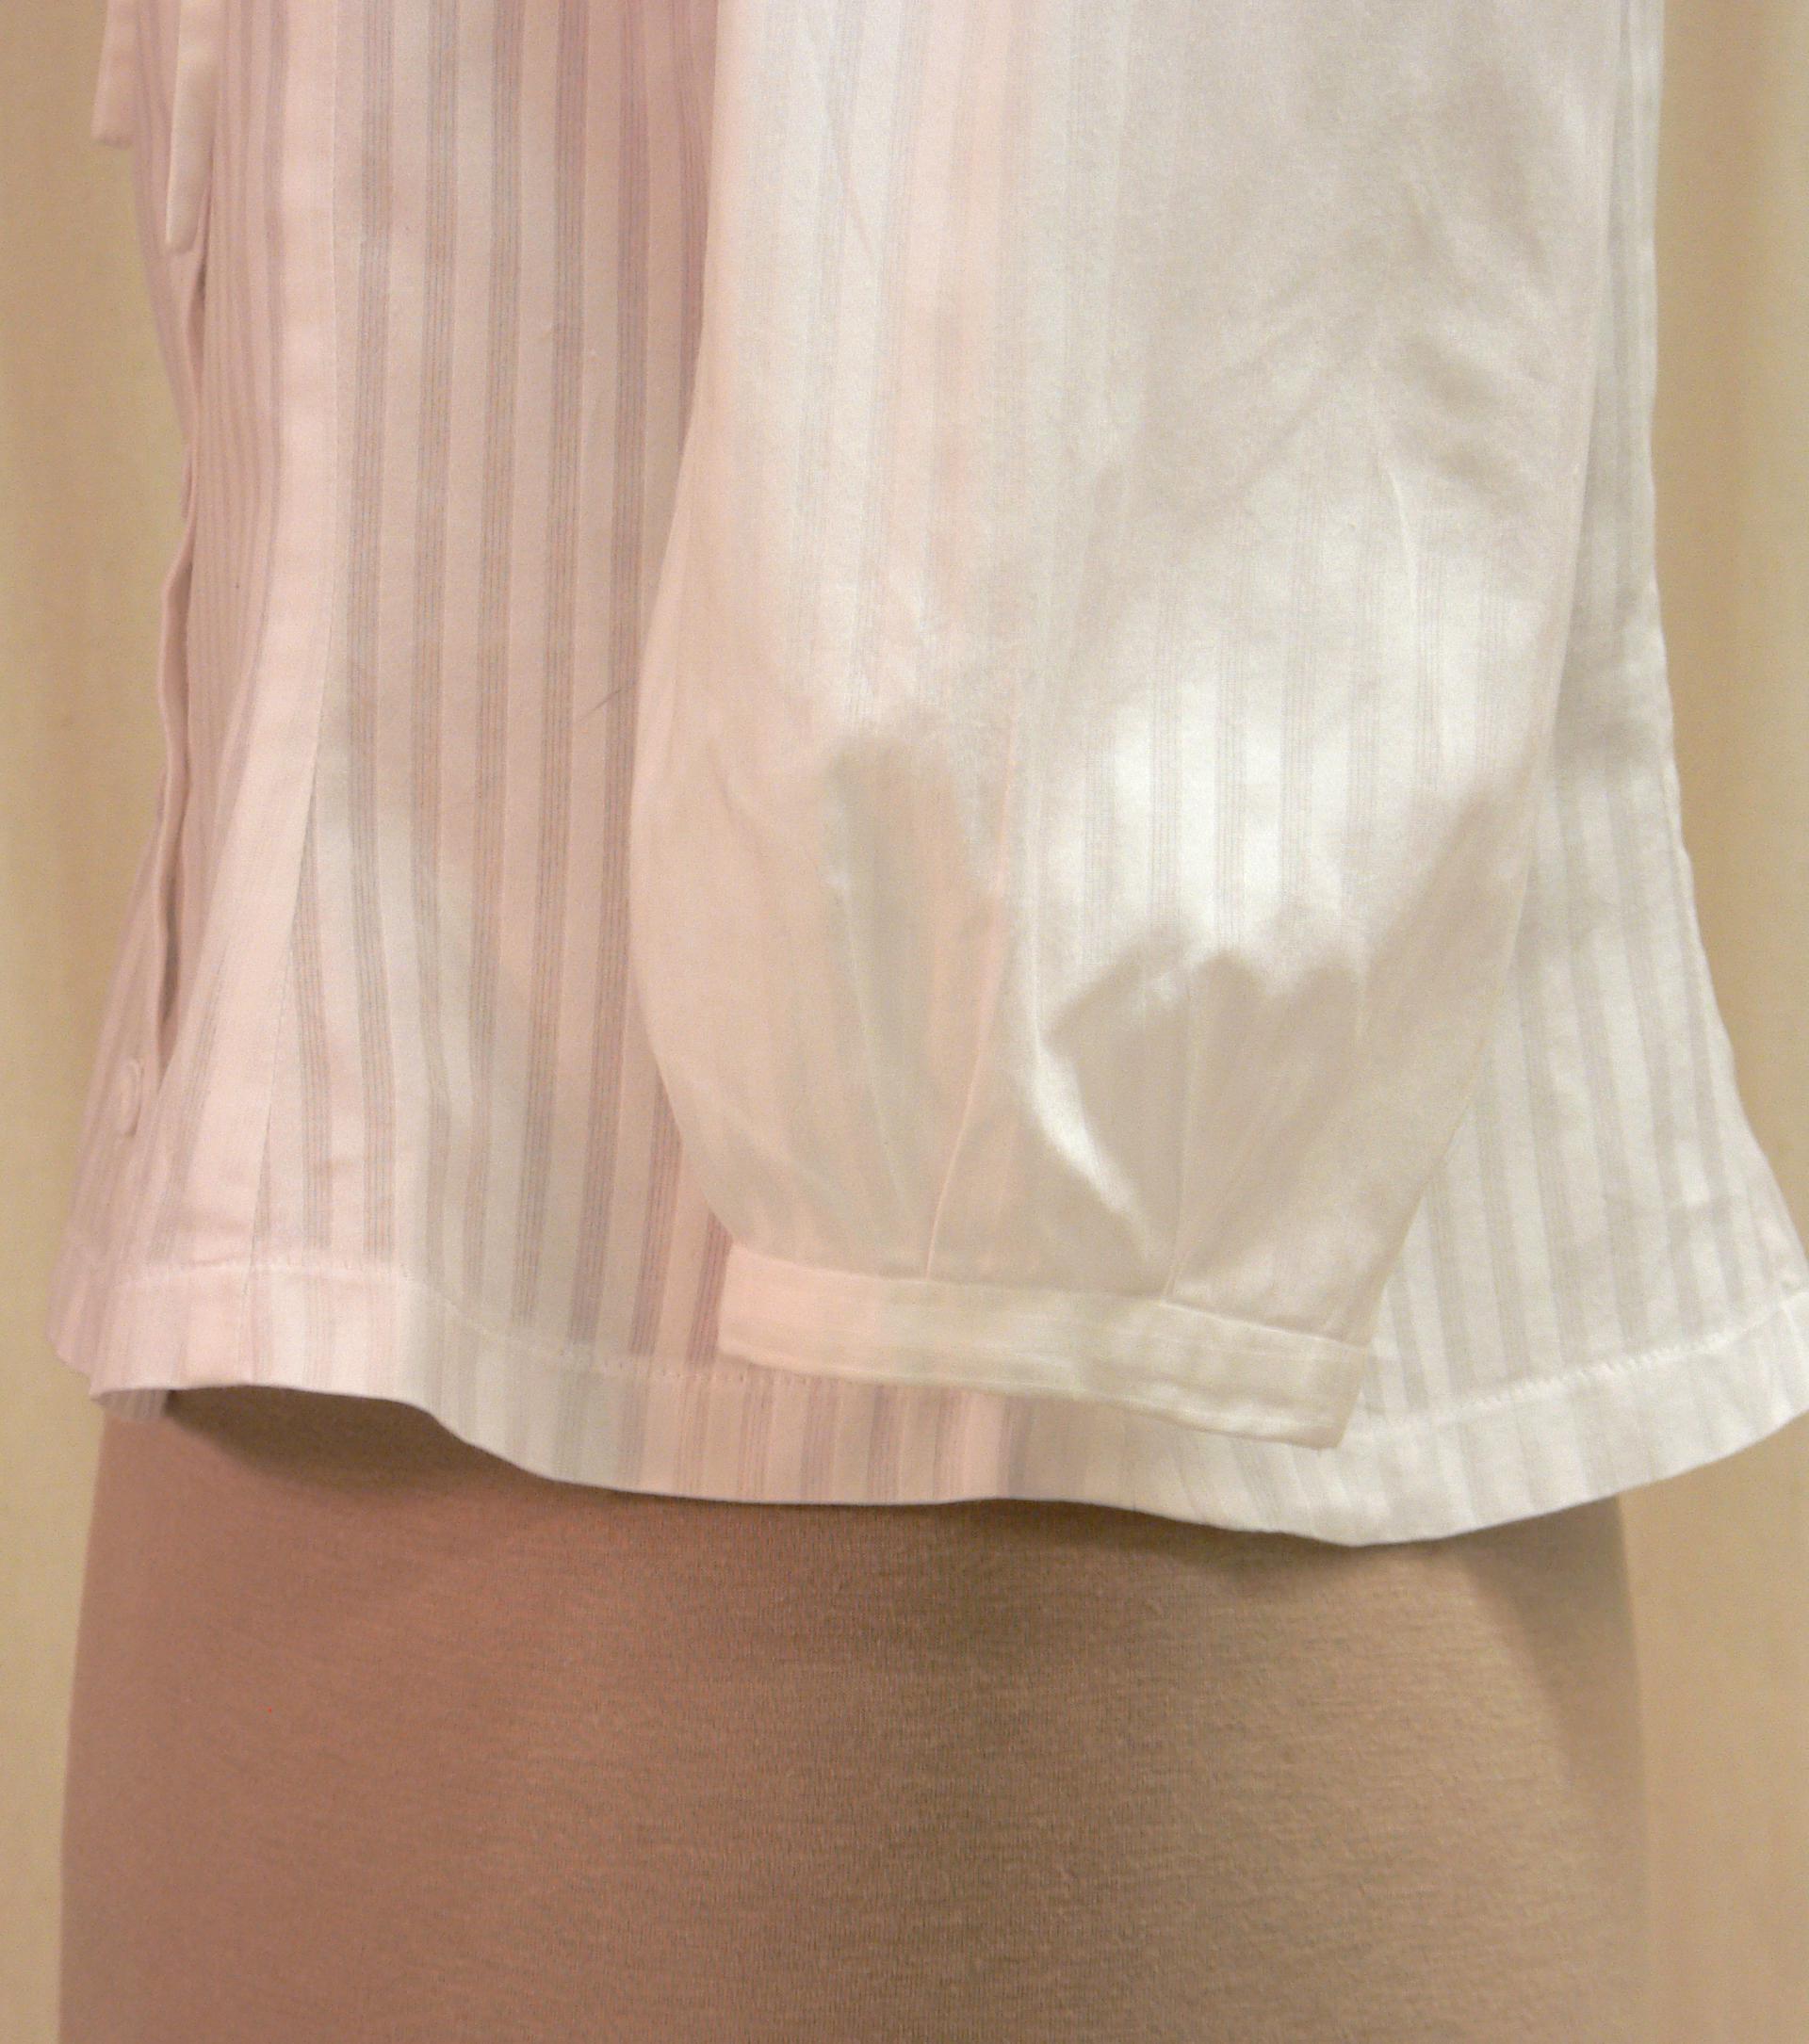 blouse07_cuff_detail.jpg